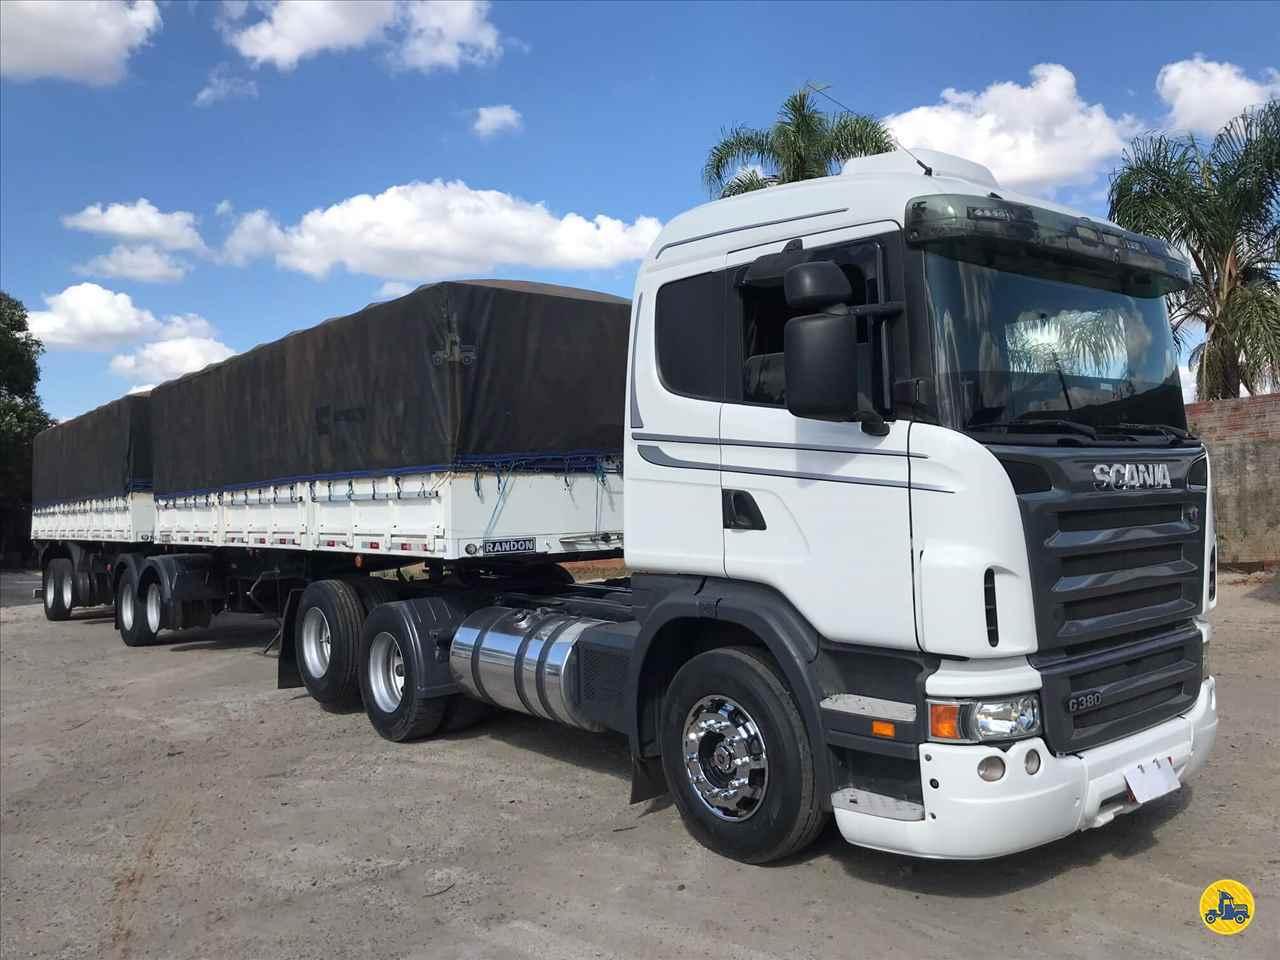 CAMINHAO SCANIA SCANIA 380 Cavalo Mecânico Truck 6x2 JK Caminhões PR SARANDI PARANÁ PR